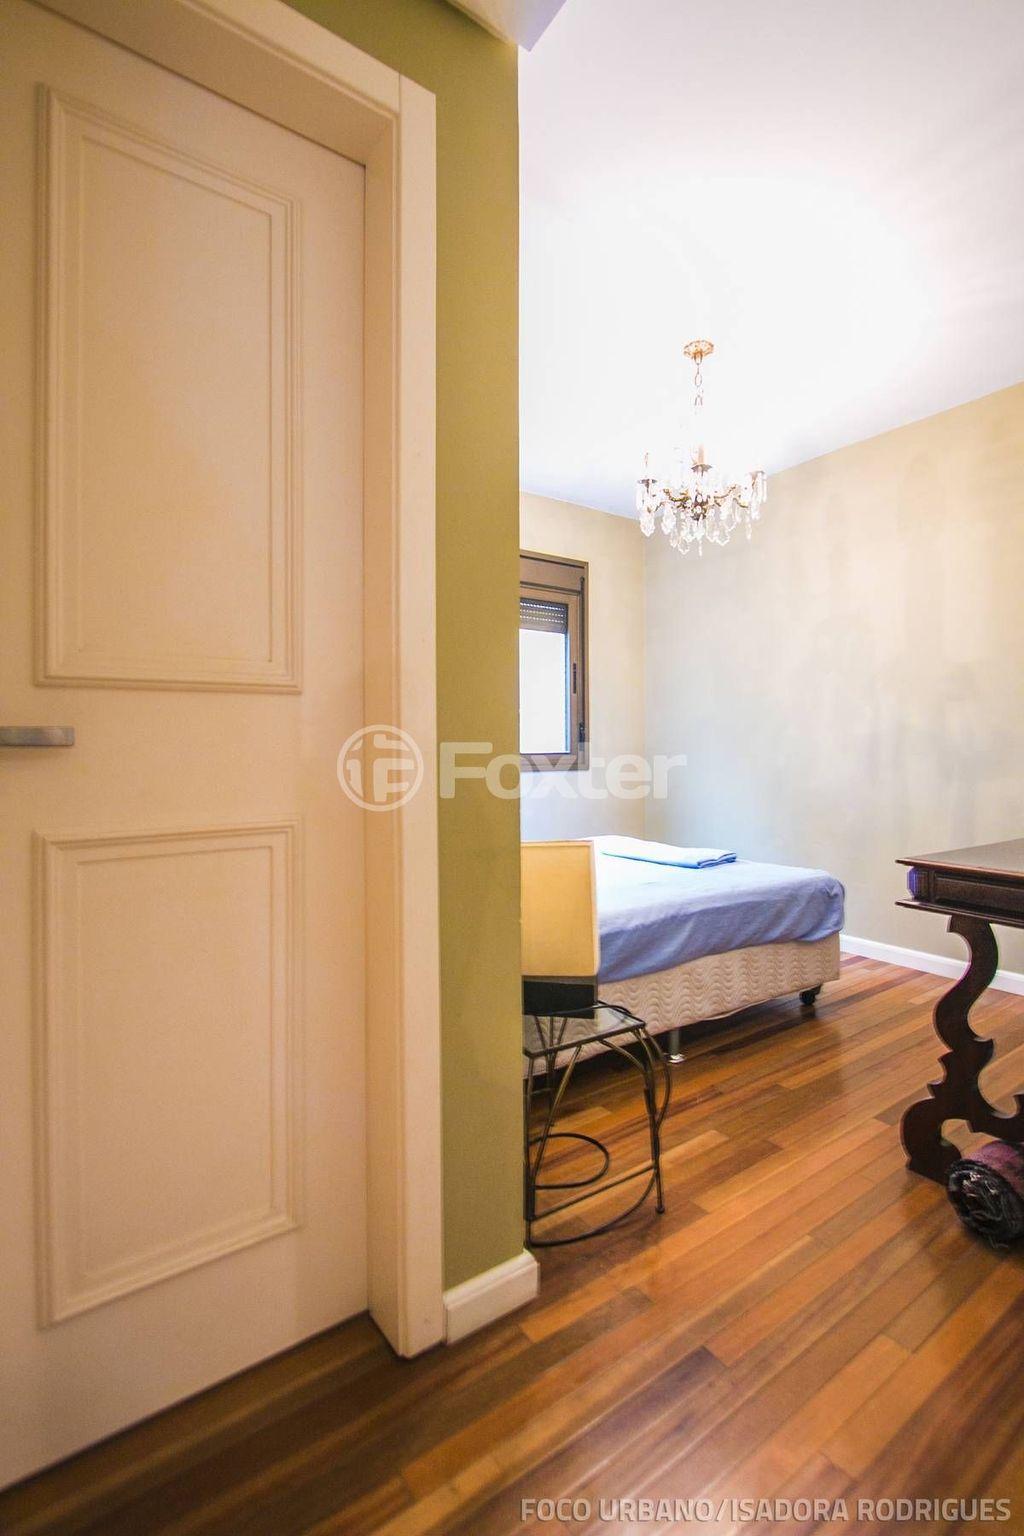 Apto 2 Dorm, Bela Vista, Porto Alegre (120576) - Foto 14